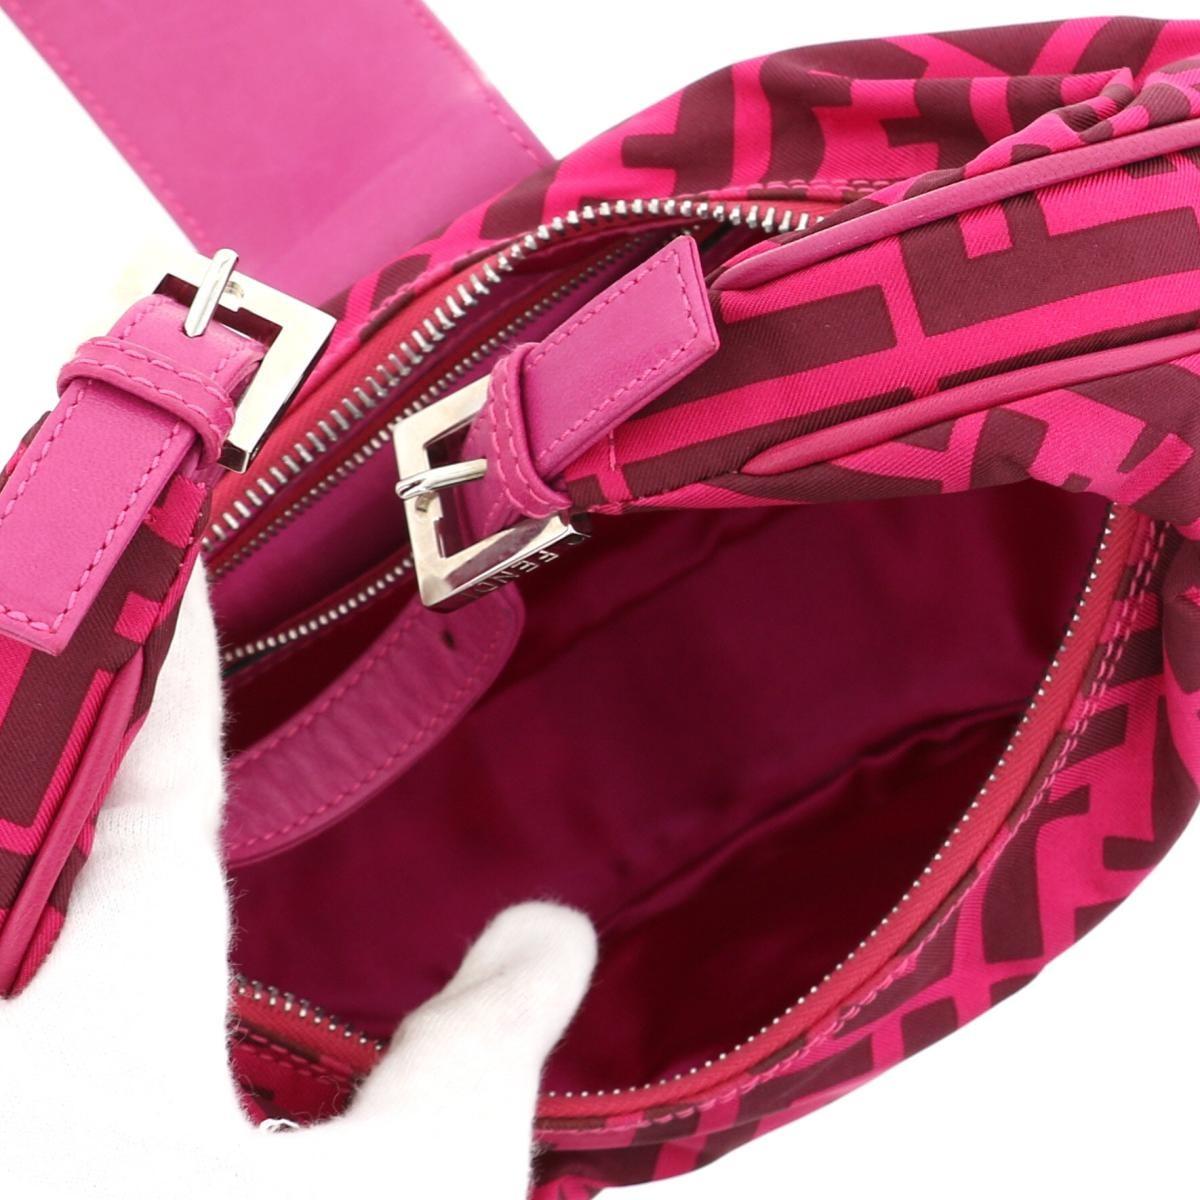 【値下げ中】【美品】フェンディ ズッカ ショルダーバッグ ピンク FENDI Zucca Shoulder Bag Pink